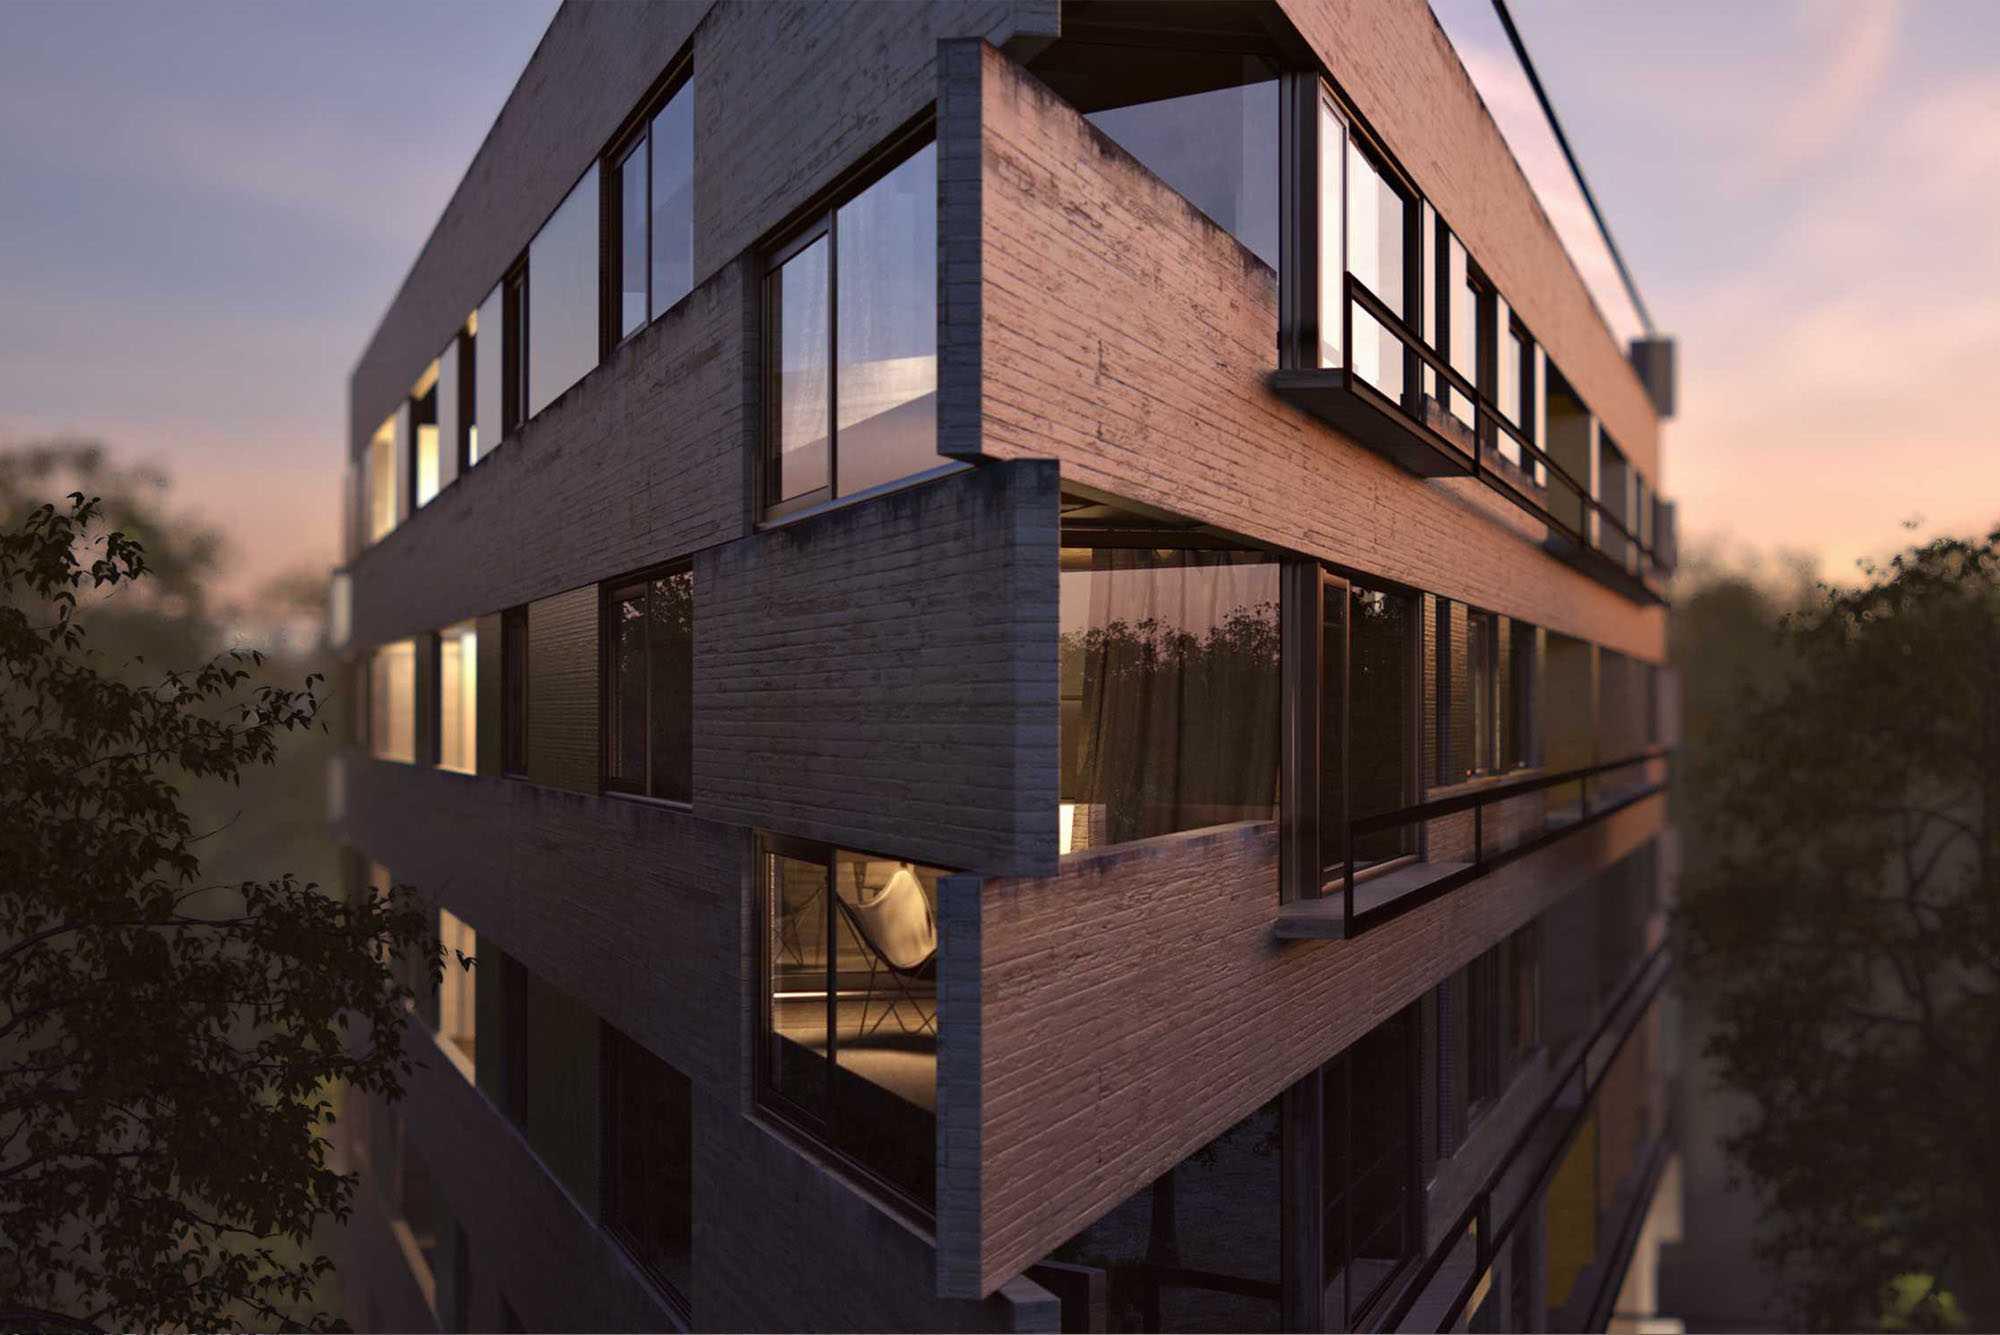 ProyectoC_Arquitectos_Portfolio_01_ParkViewFlorida